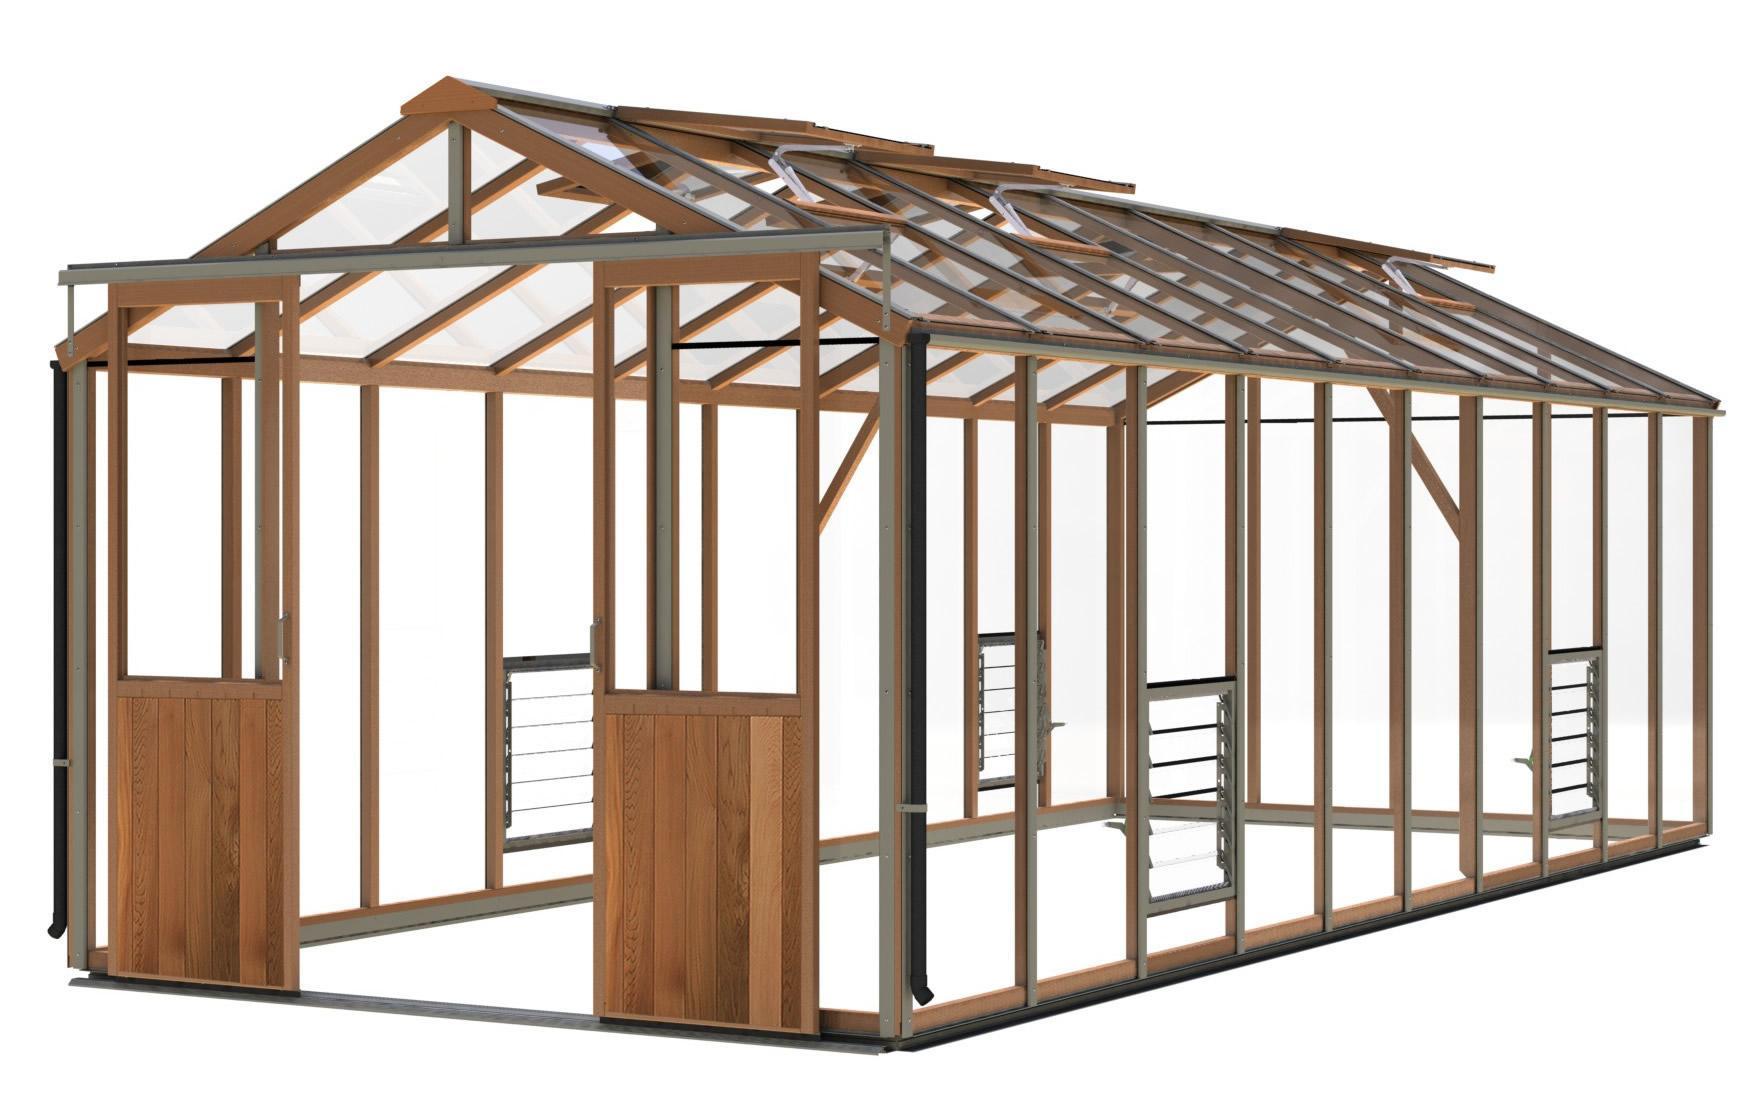 Gewachshaus Holz Evo8 2617mm X 7646mm Gewachshaus Aus Zedernholz